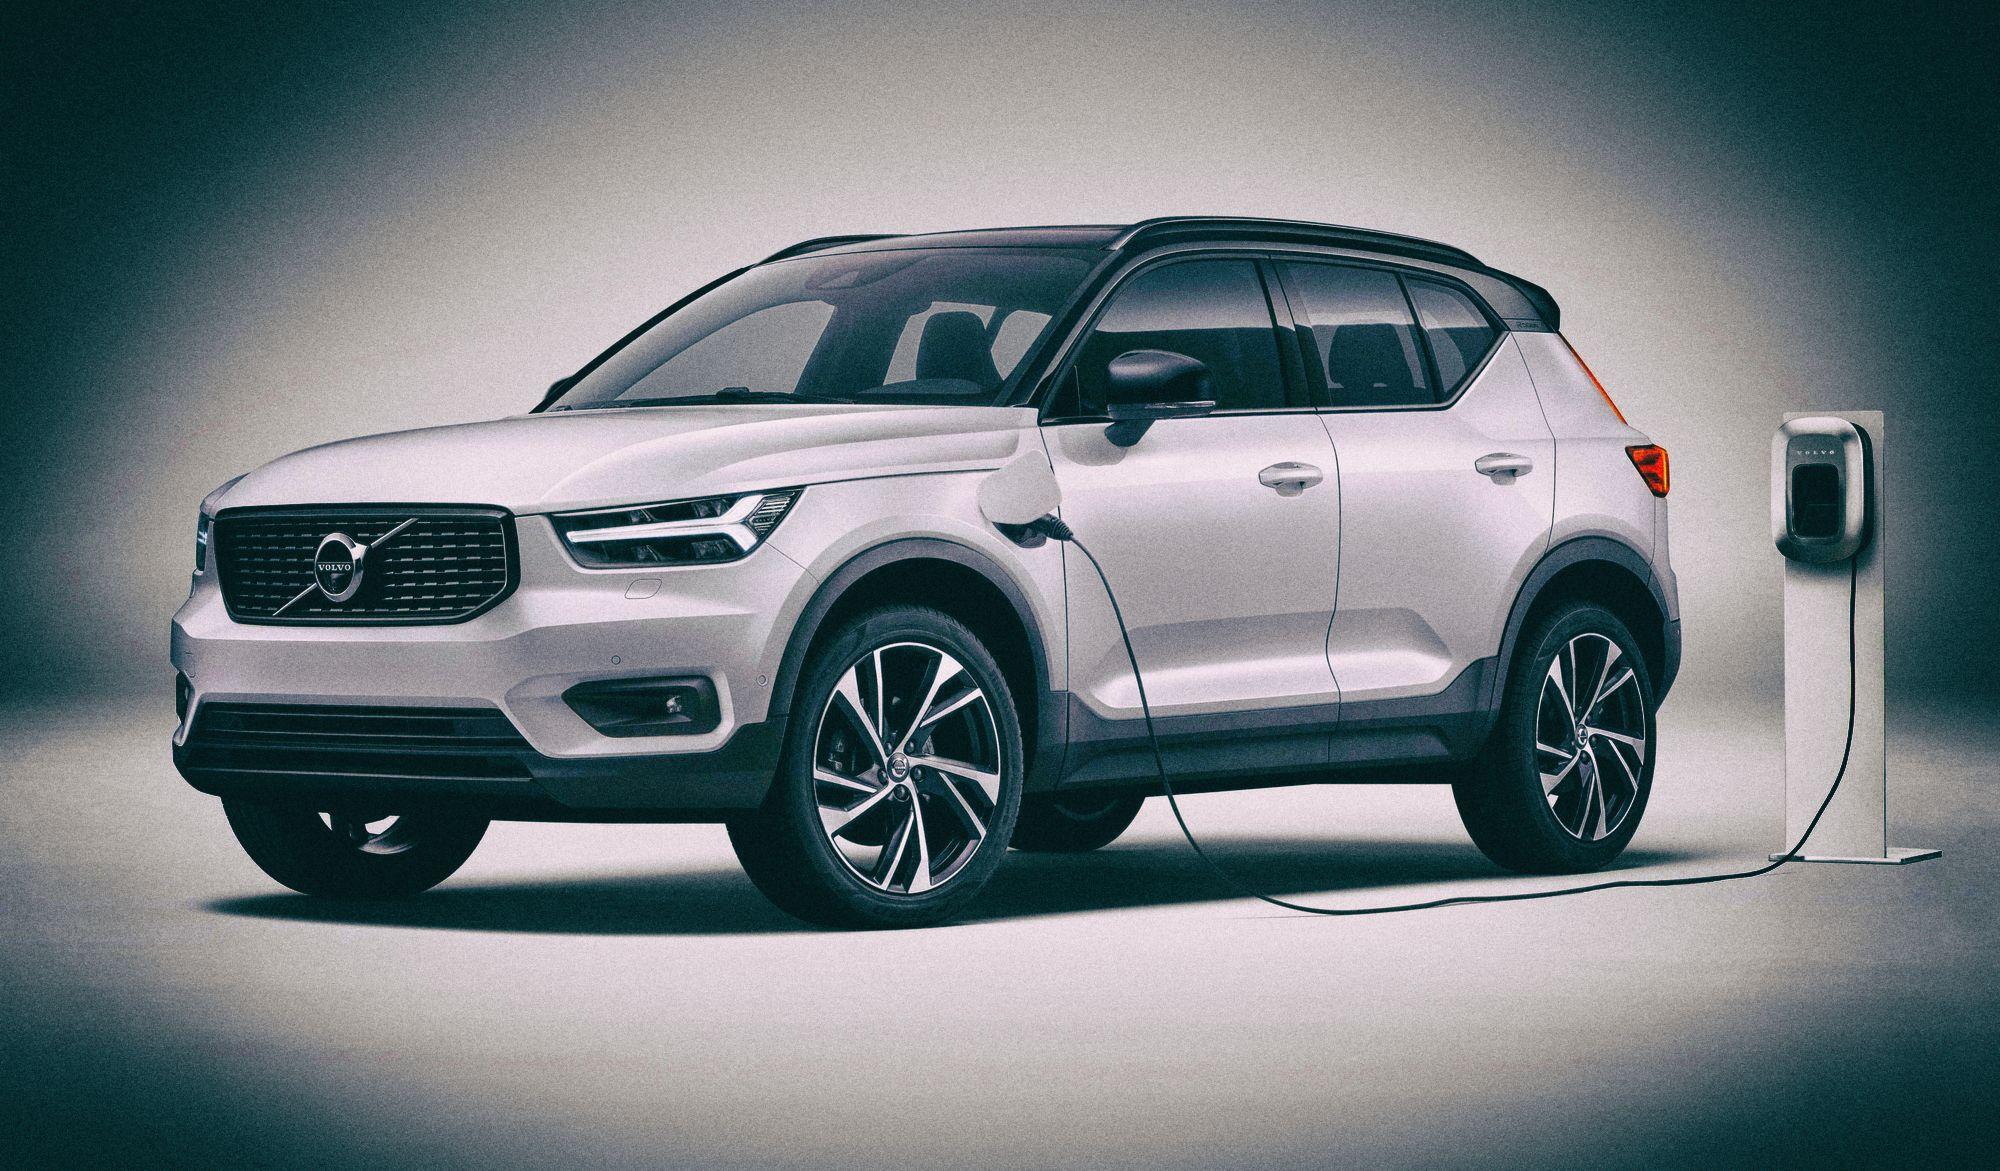 С 2030 года Volvo будет выпускать только электромобили